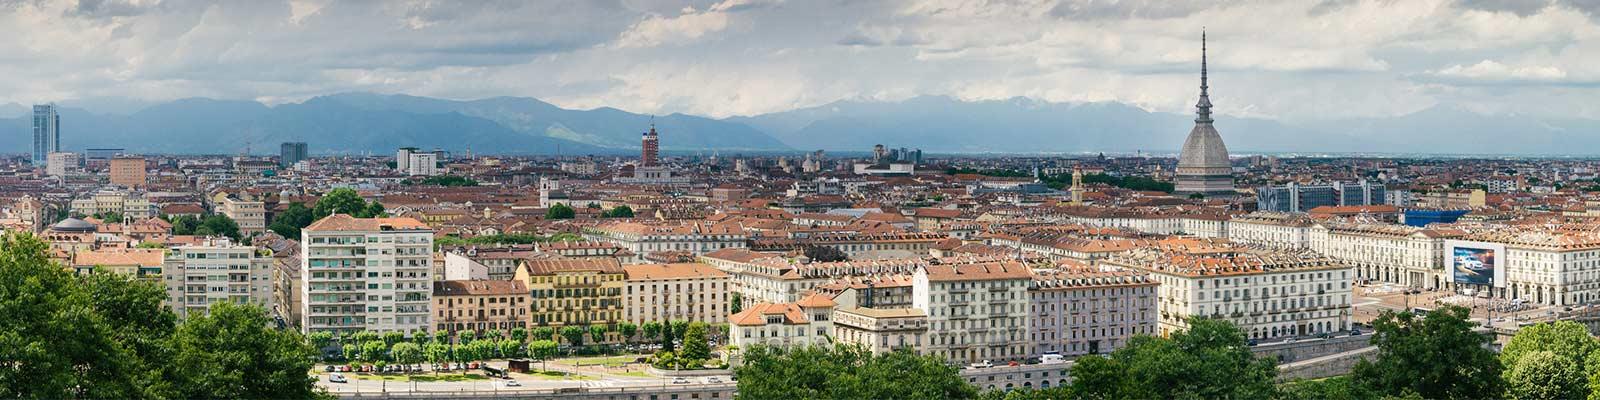 روی منفی تحصیل و زندگی در ایتالیا